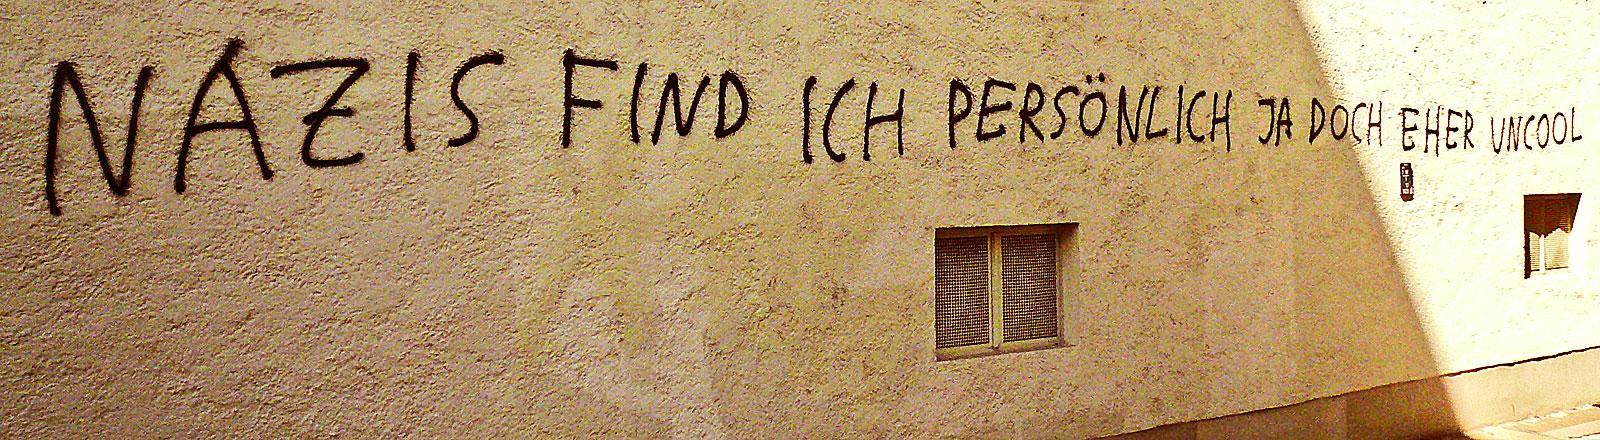 """Wand mit dem aufgesprayten Spruch """"Nazis find ich persönlich ja doch eher uncool"""""""